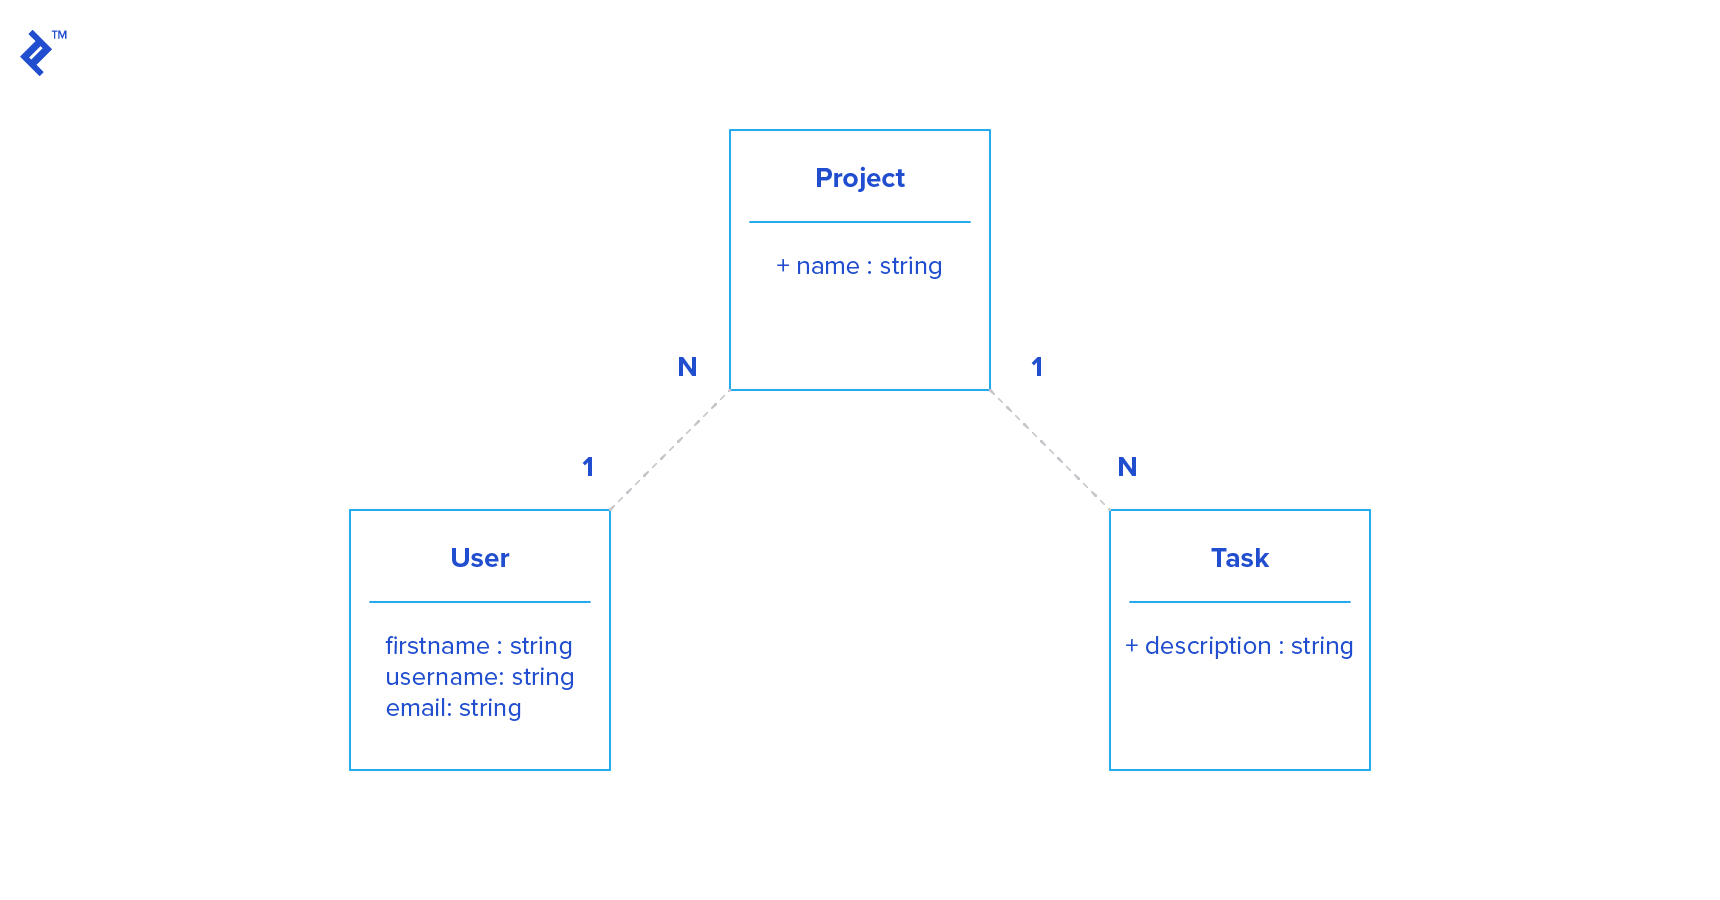 Relationships between resources